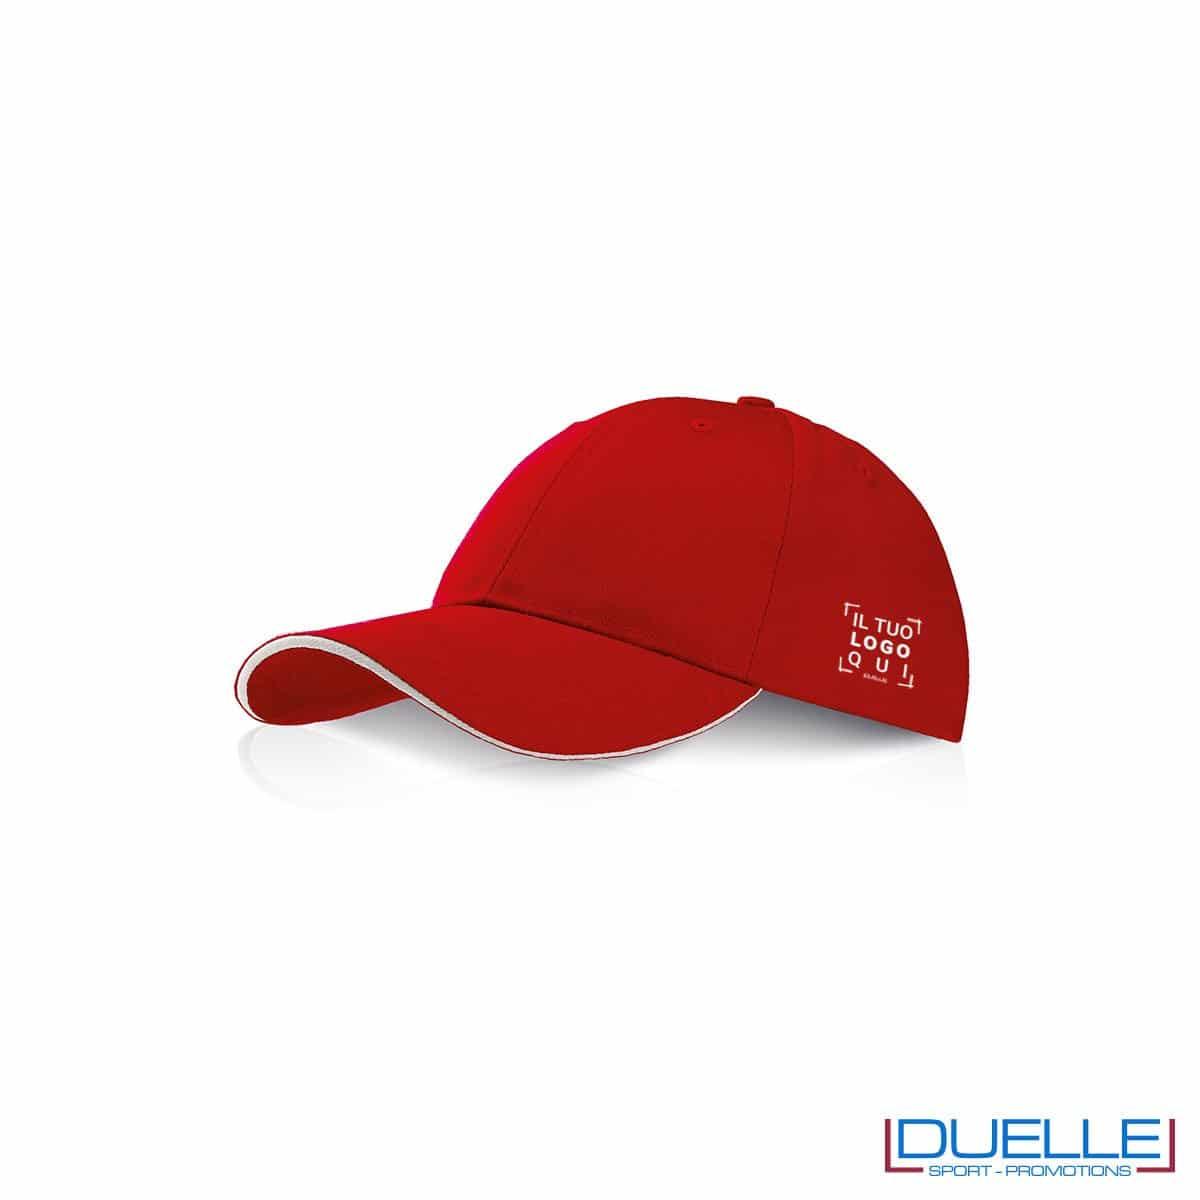 Cappellino personalizzato con visiera a sandwich rosso, cappellini promozionali rosso